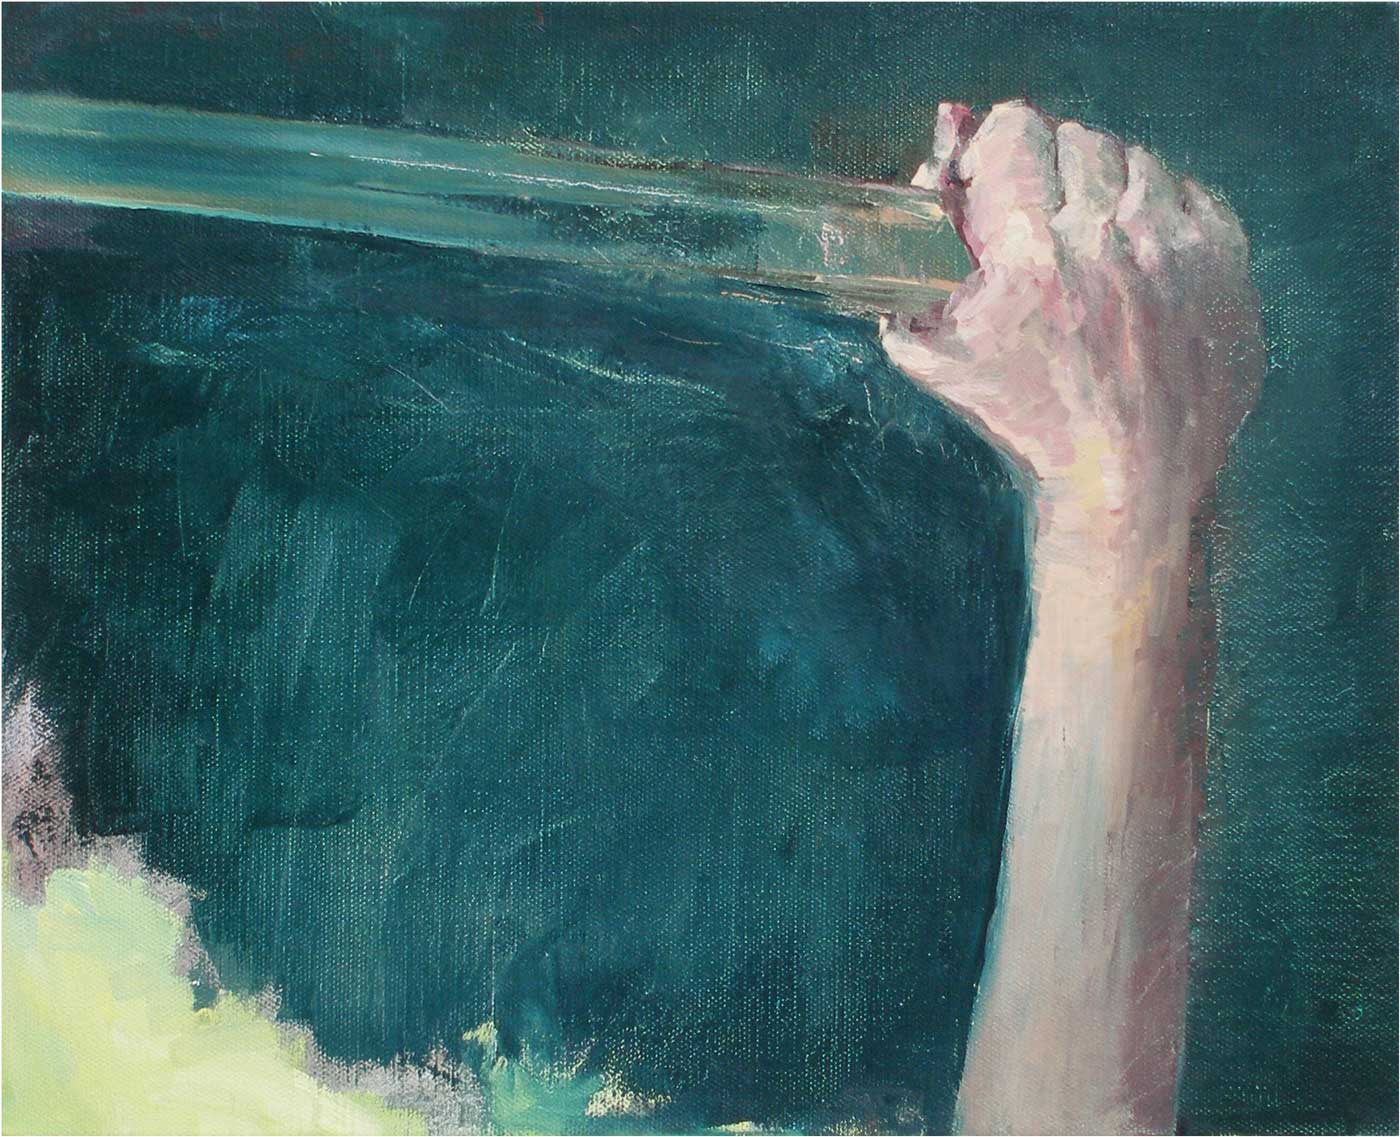 Schwert, 40 x 50 cm, Öl/Lwd., 2016